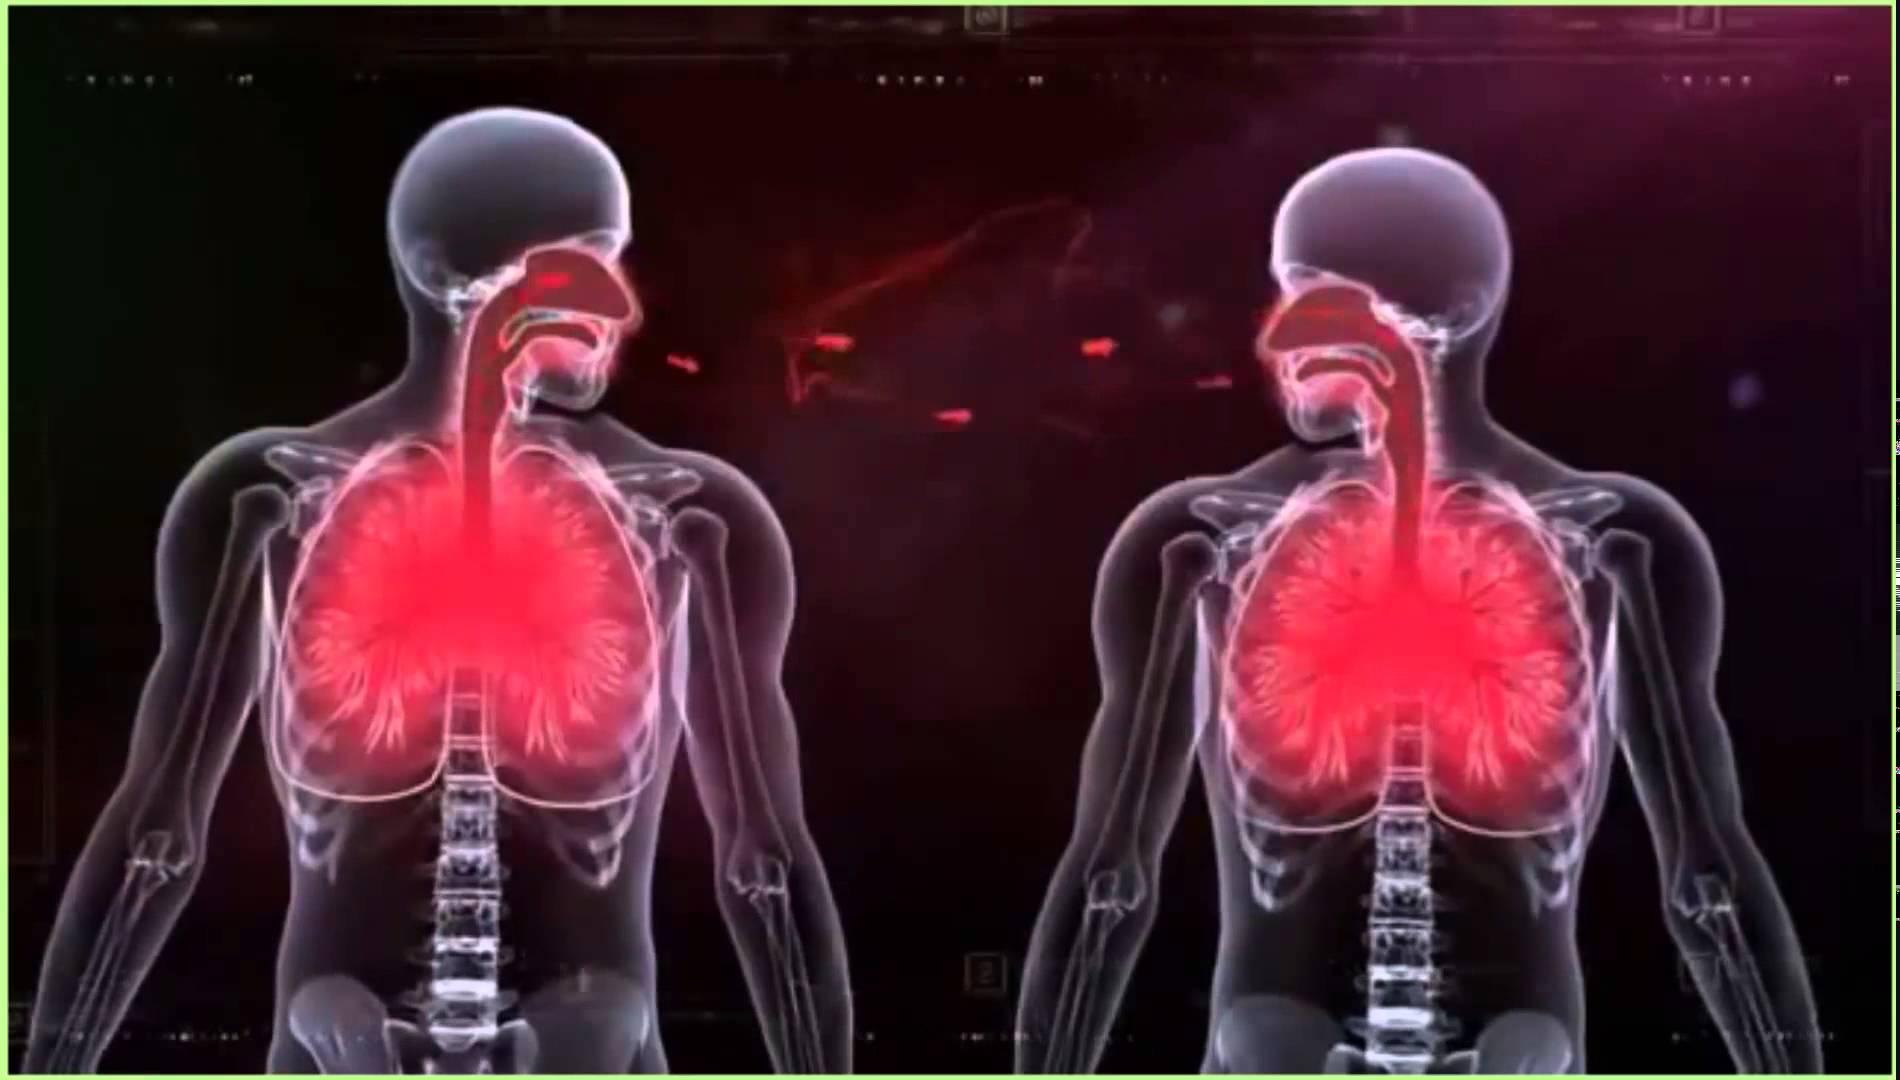 Как у детей и взрослых передается стоматит: заразно ли заболевание при поцелуе?